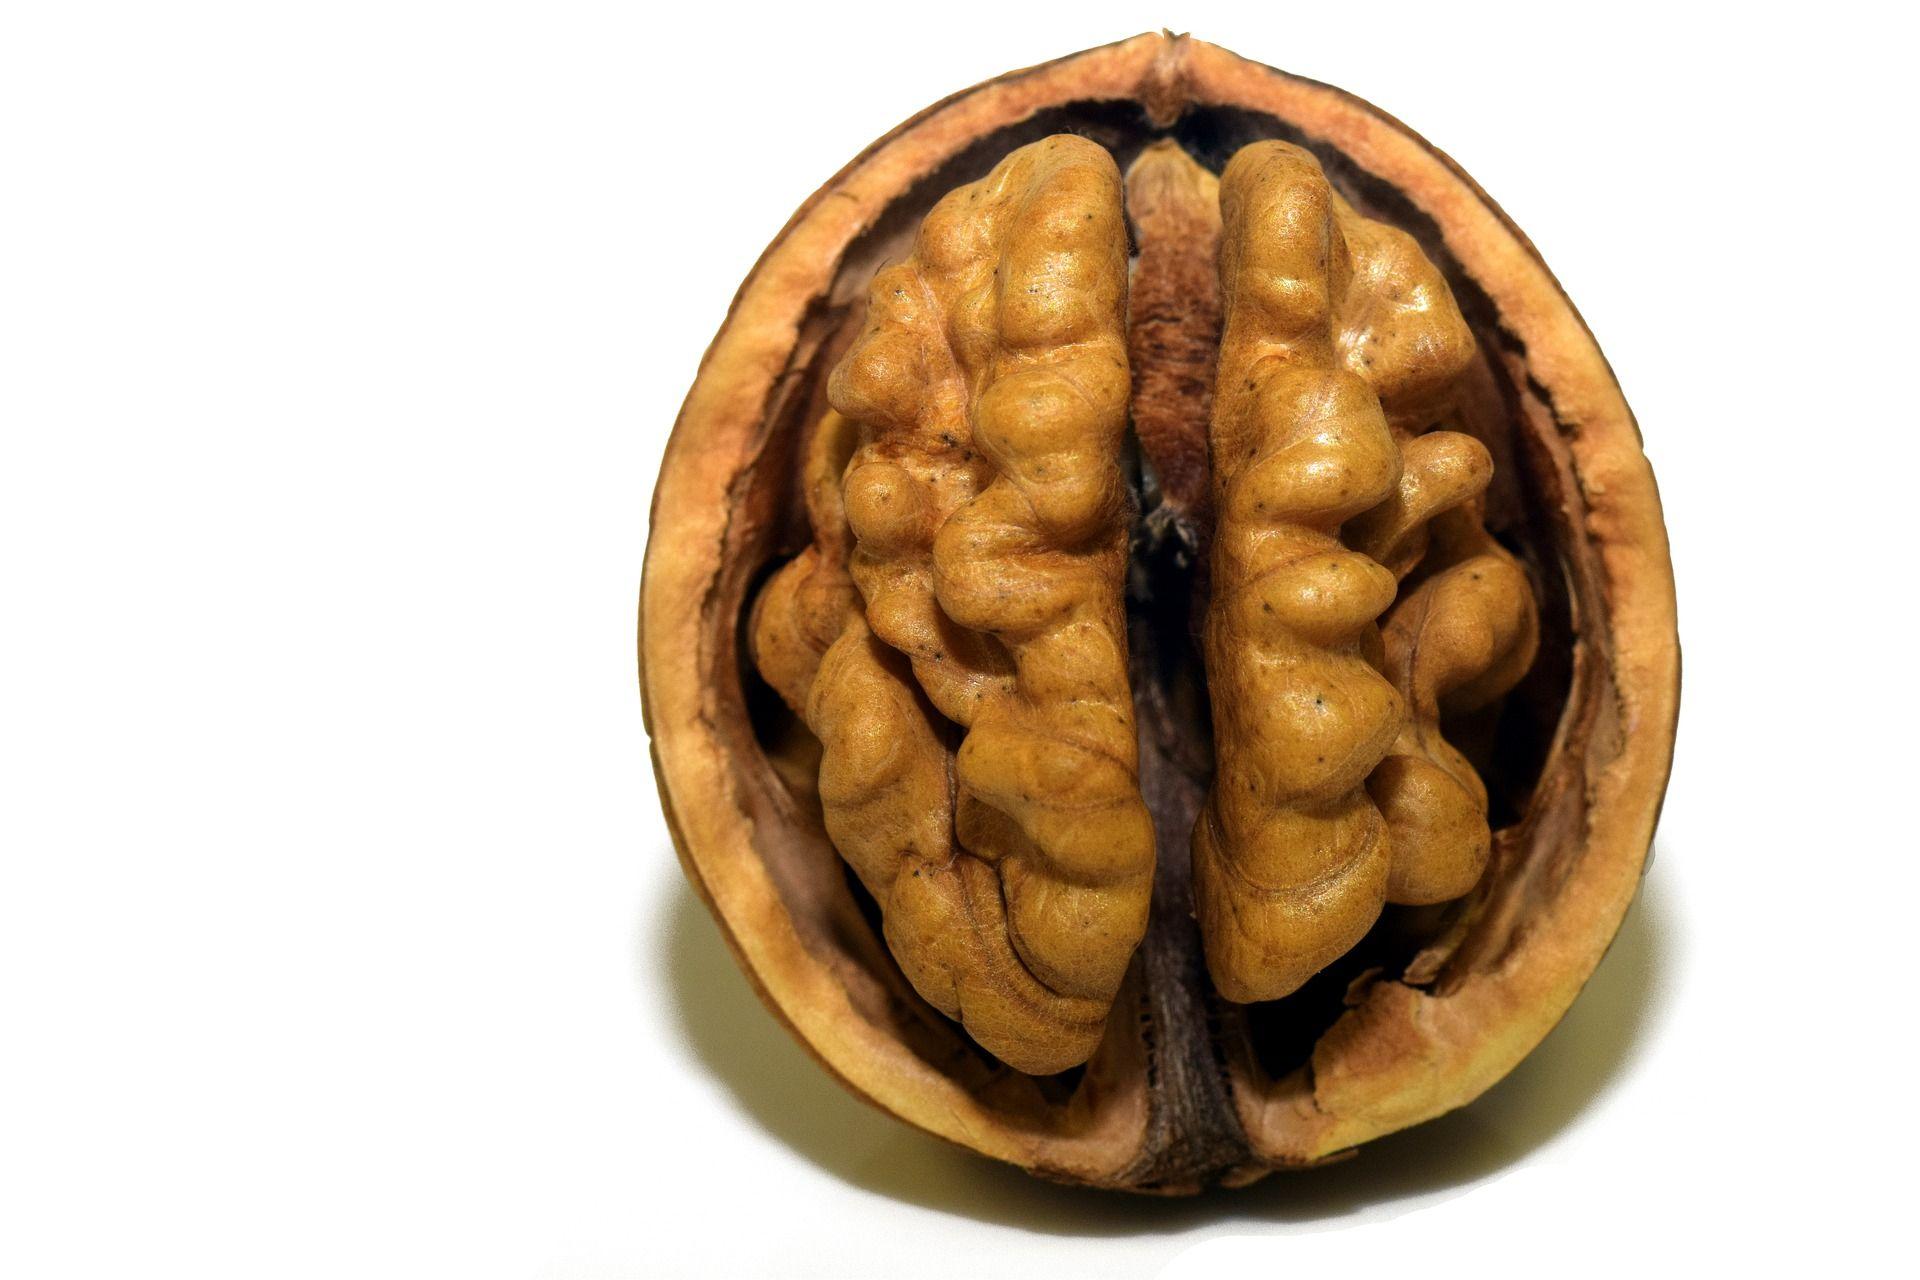 A walnut for optimal brain health